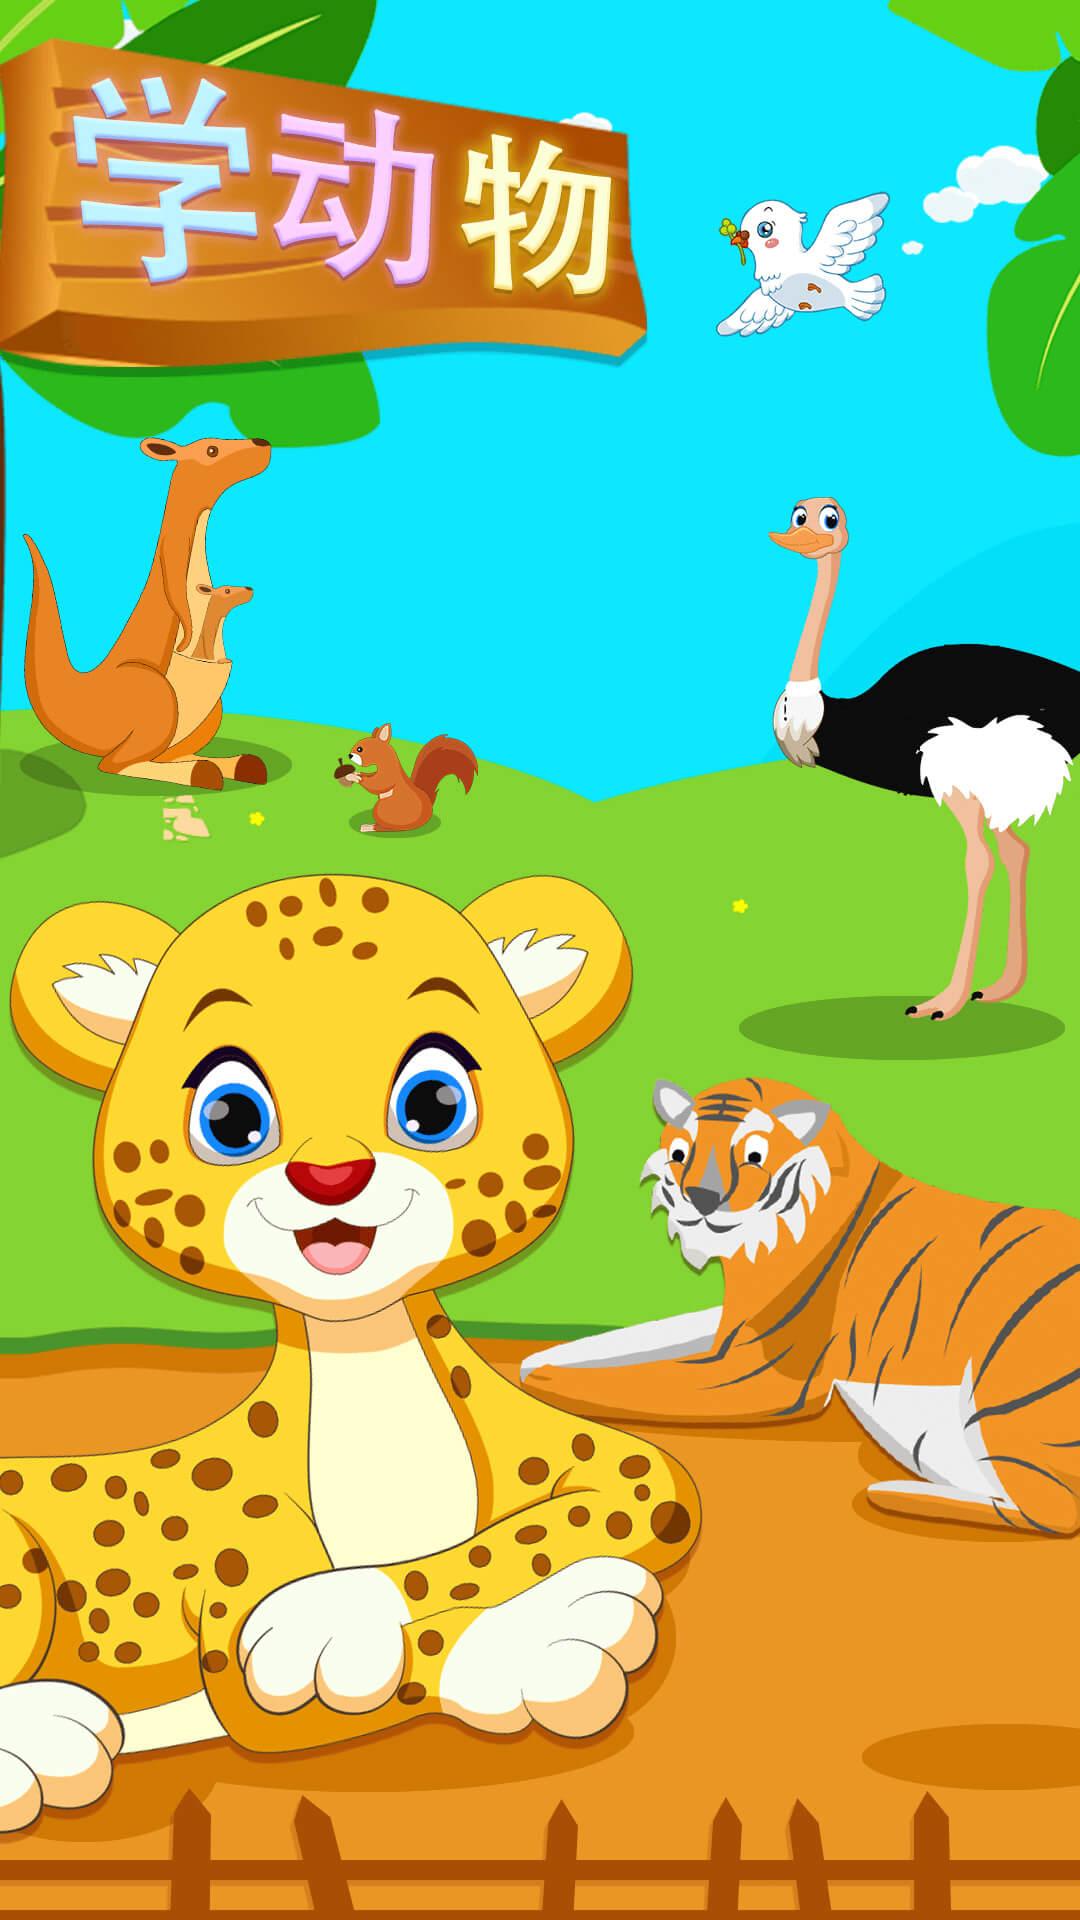 游戏资讯_儿童认动物下载-儿童认动物游戏下载v4.6-3454手机游戏